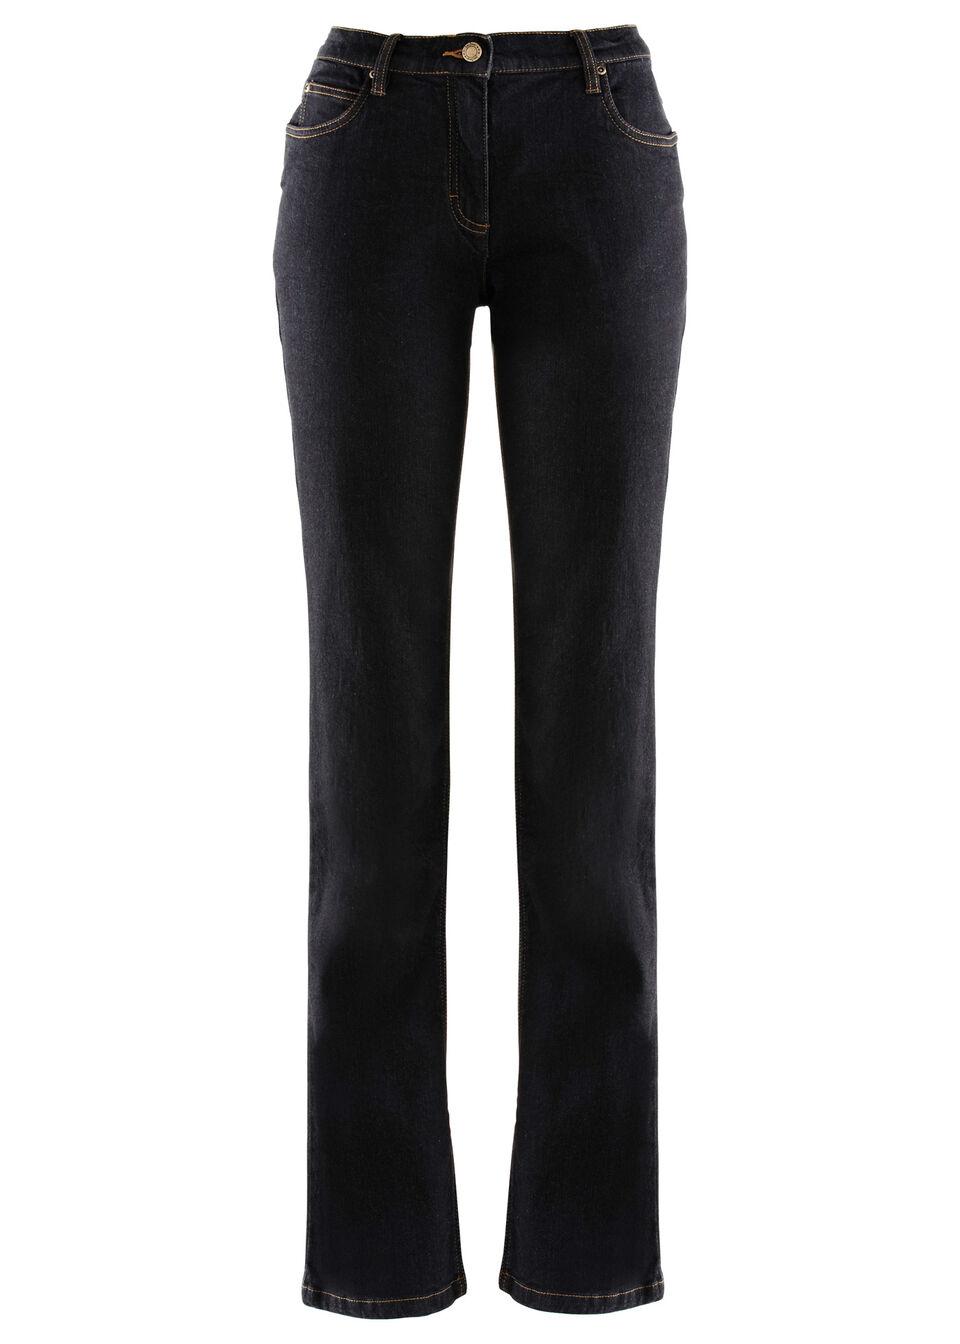 Strečové džínsy STRAIGHT svetlomodrá • 19.99 € • bonprix 46880f5b2bc